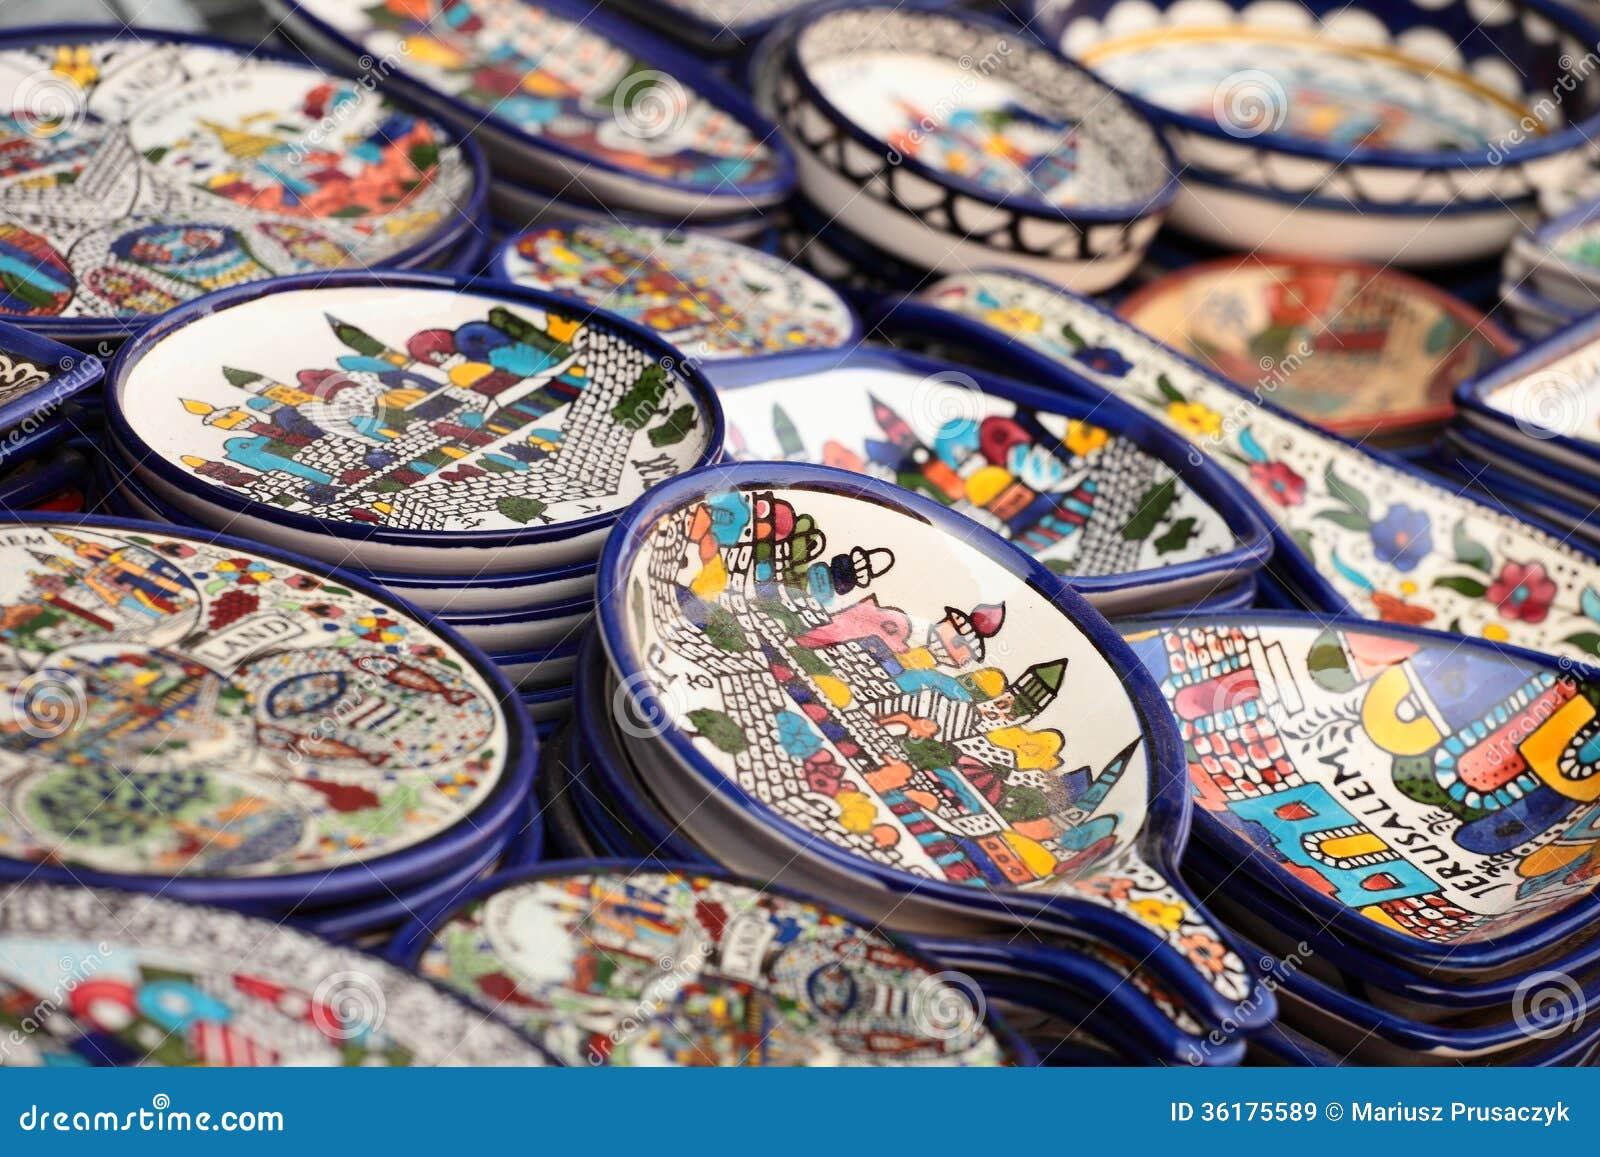 Tradycyjny ceramiczny w miejscowego Izrael rynku.